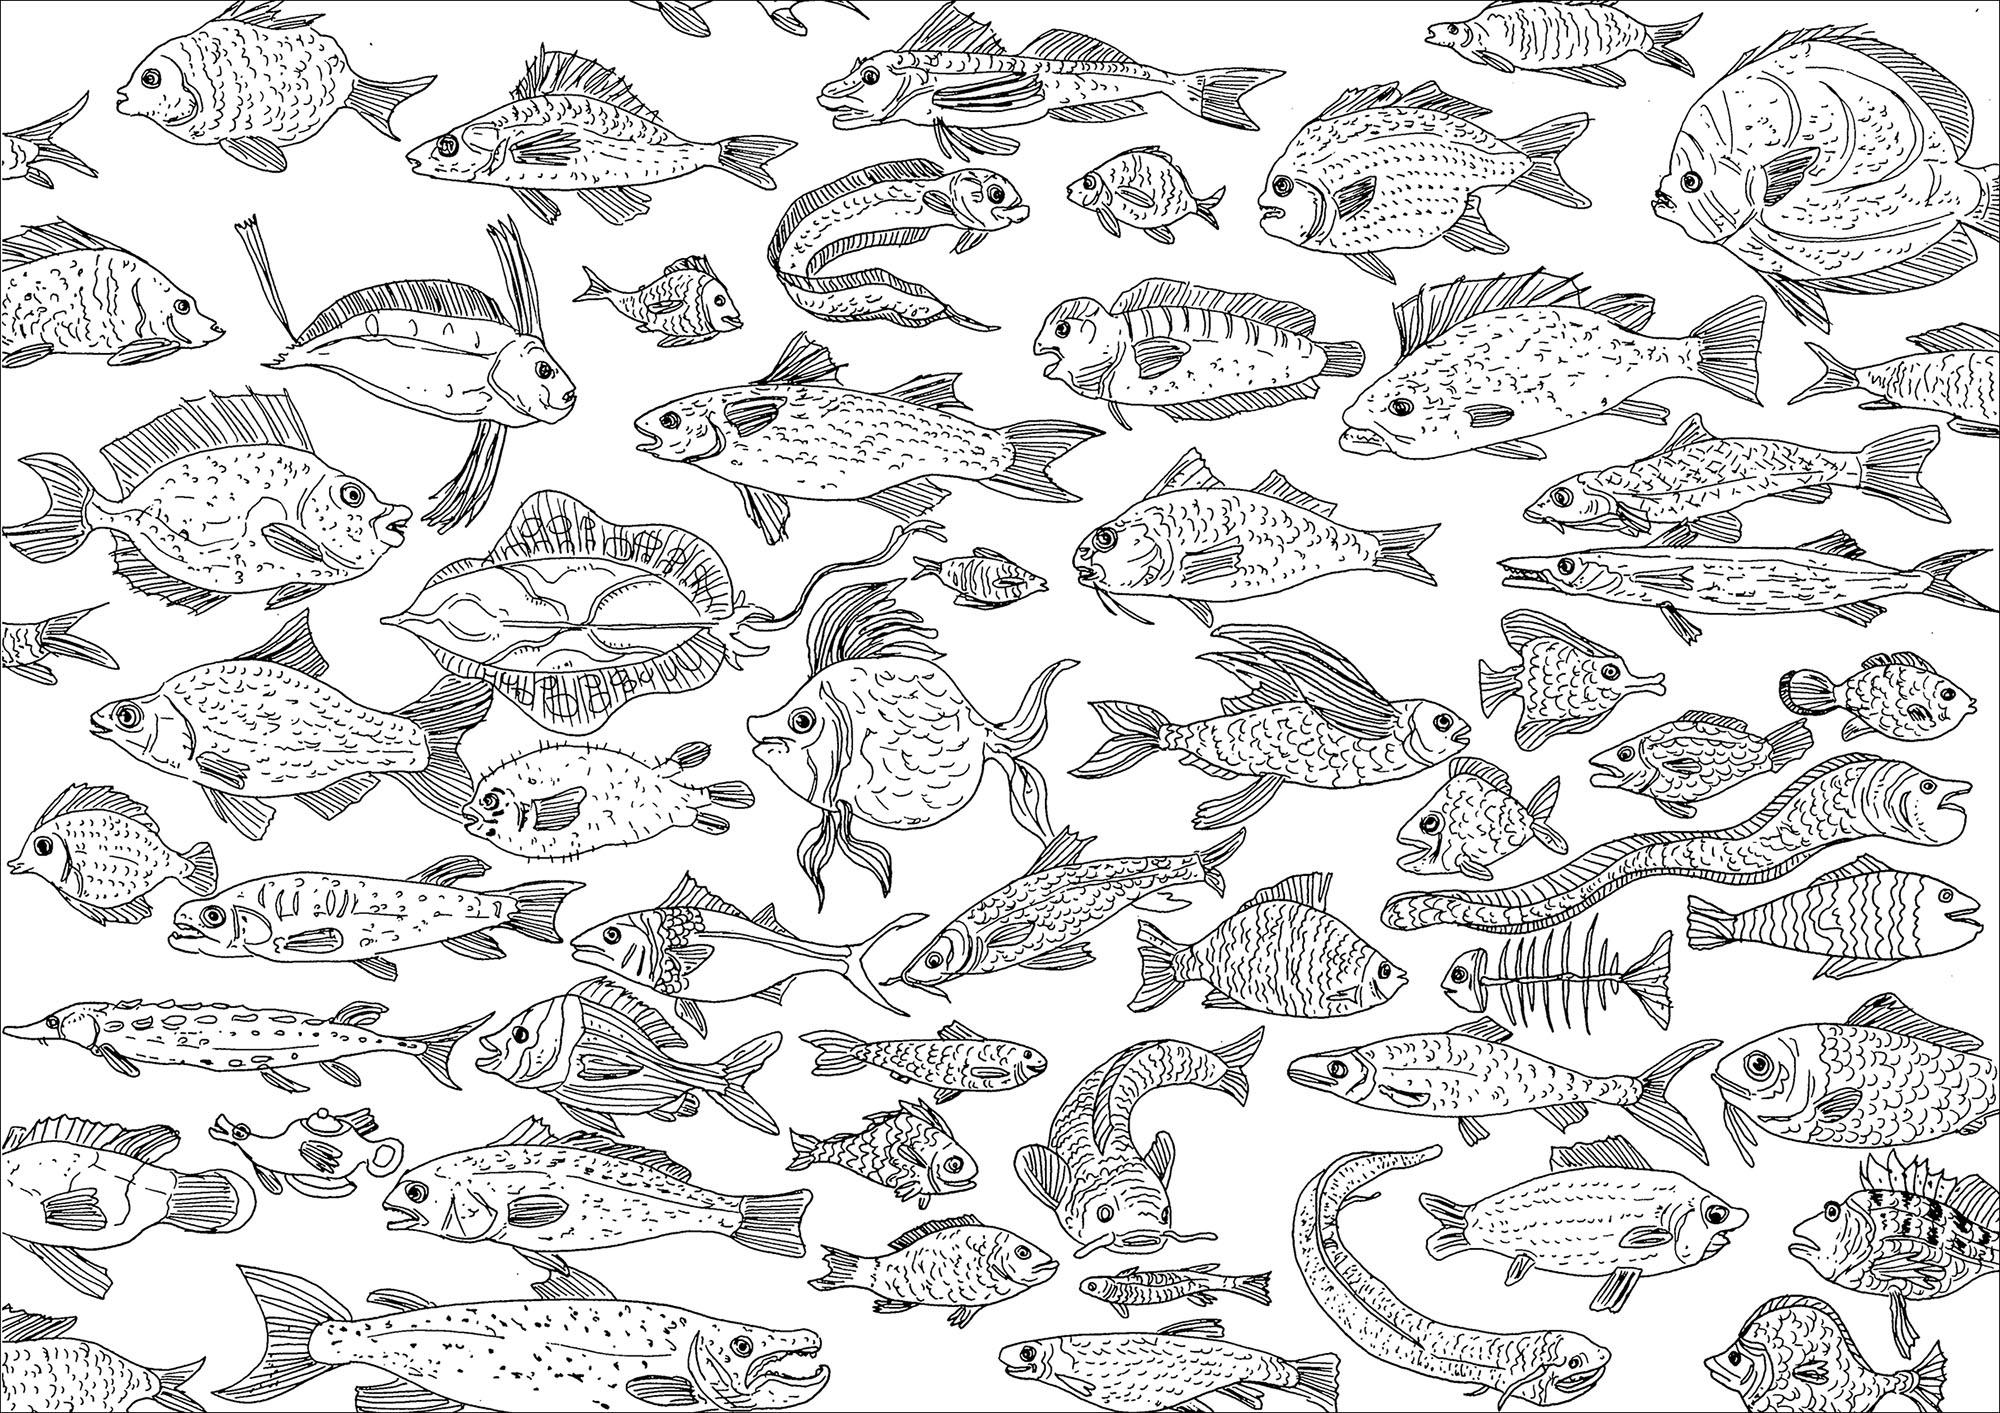 Fische 25343 - Fische - Malbuch Fur Erwachsene